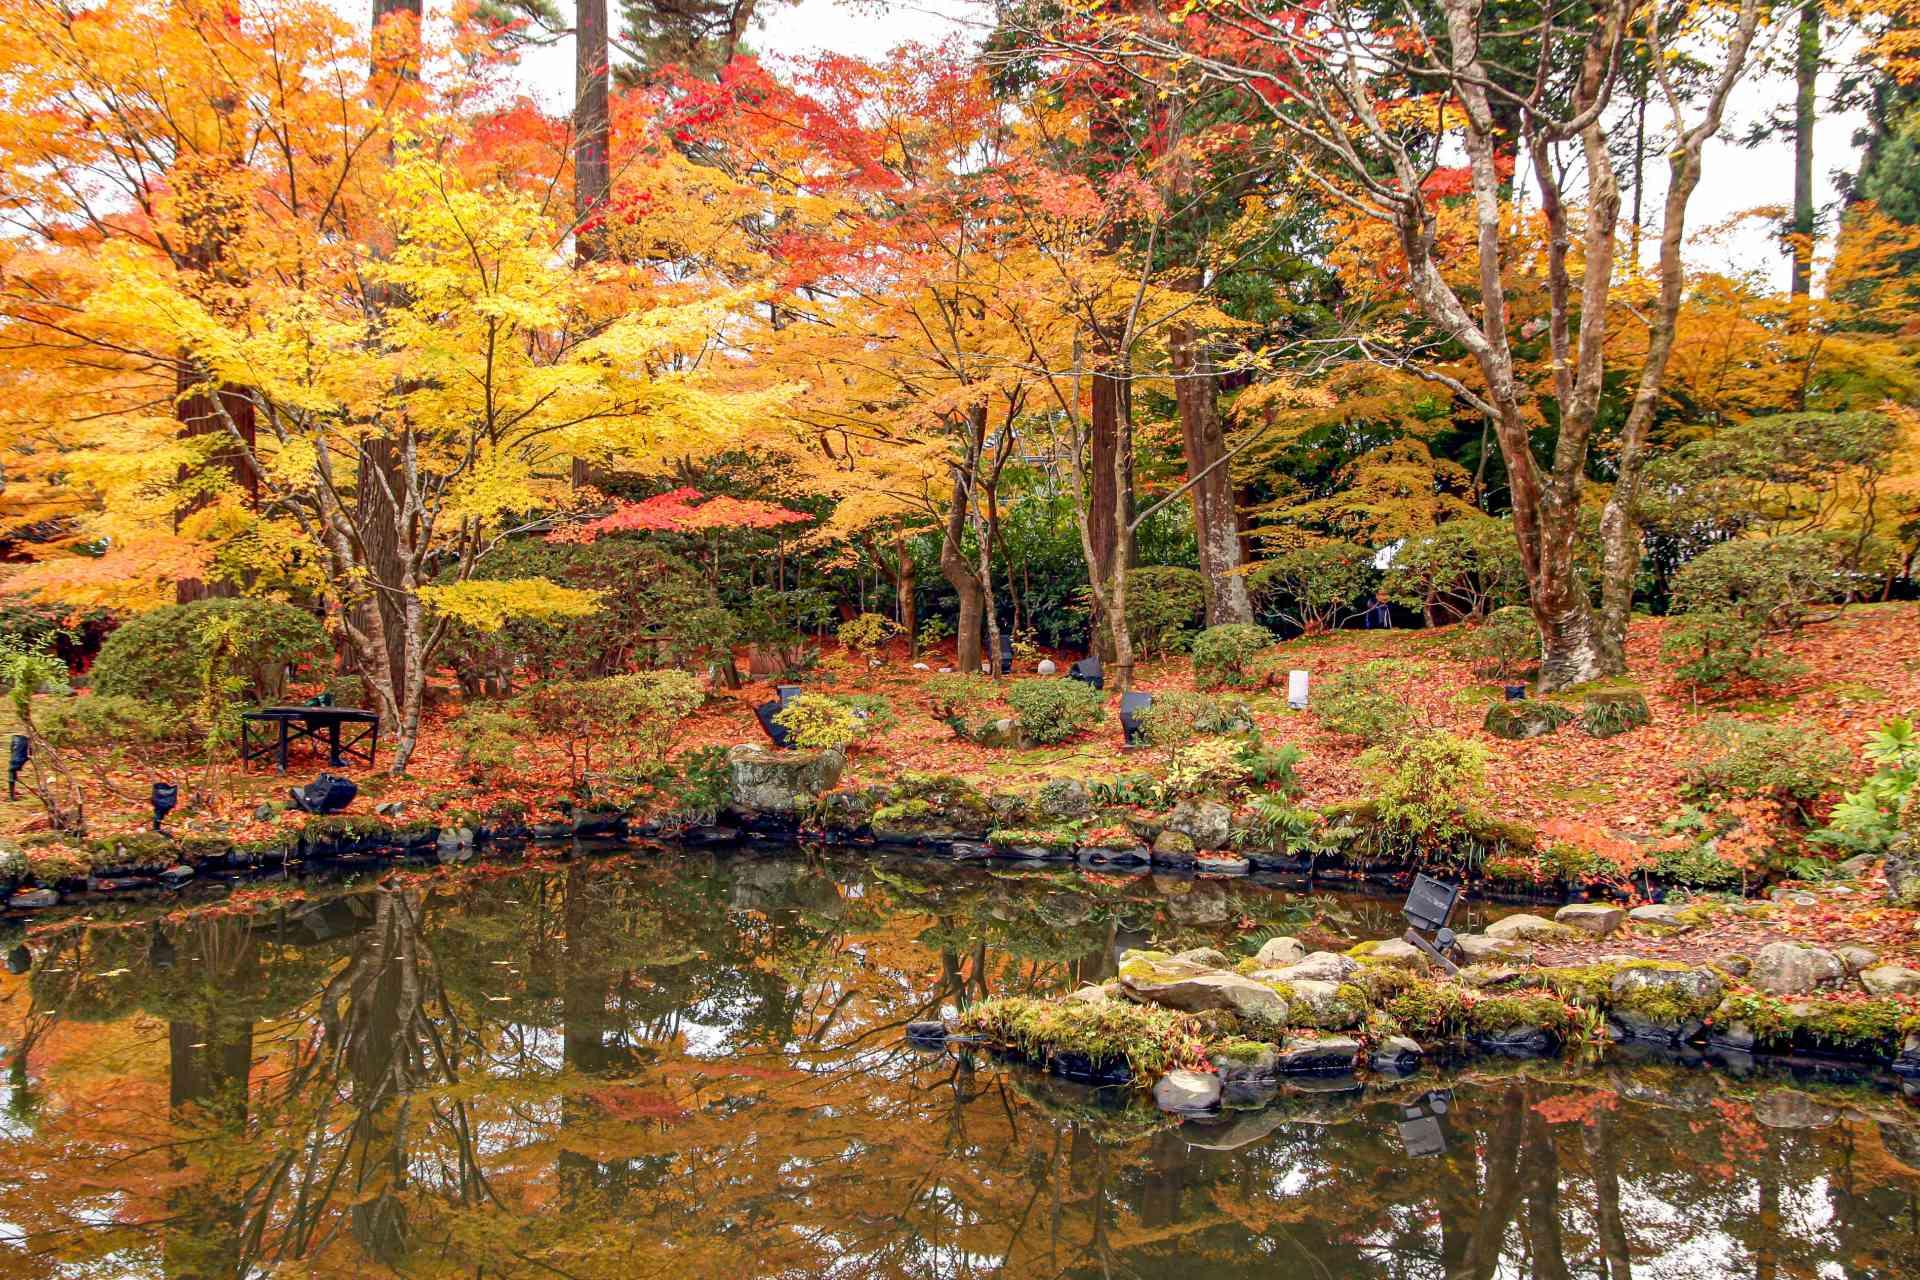 Entsu-in Temple garden, Japan